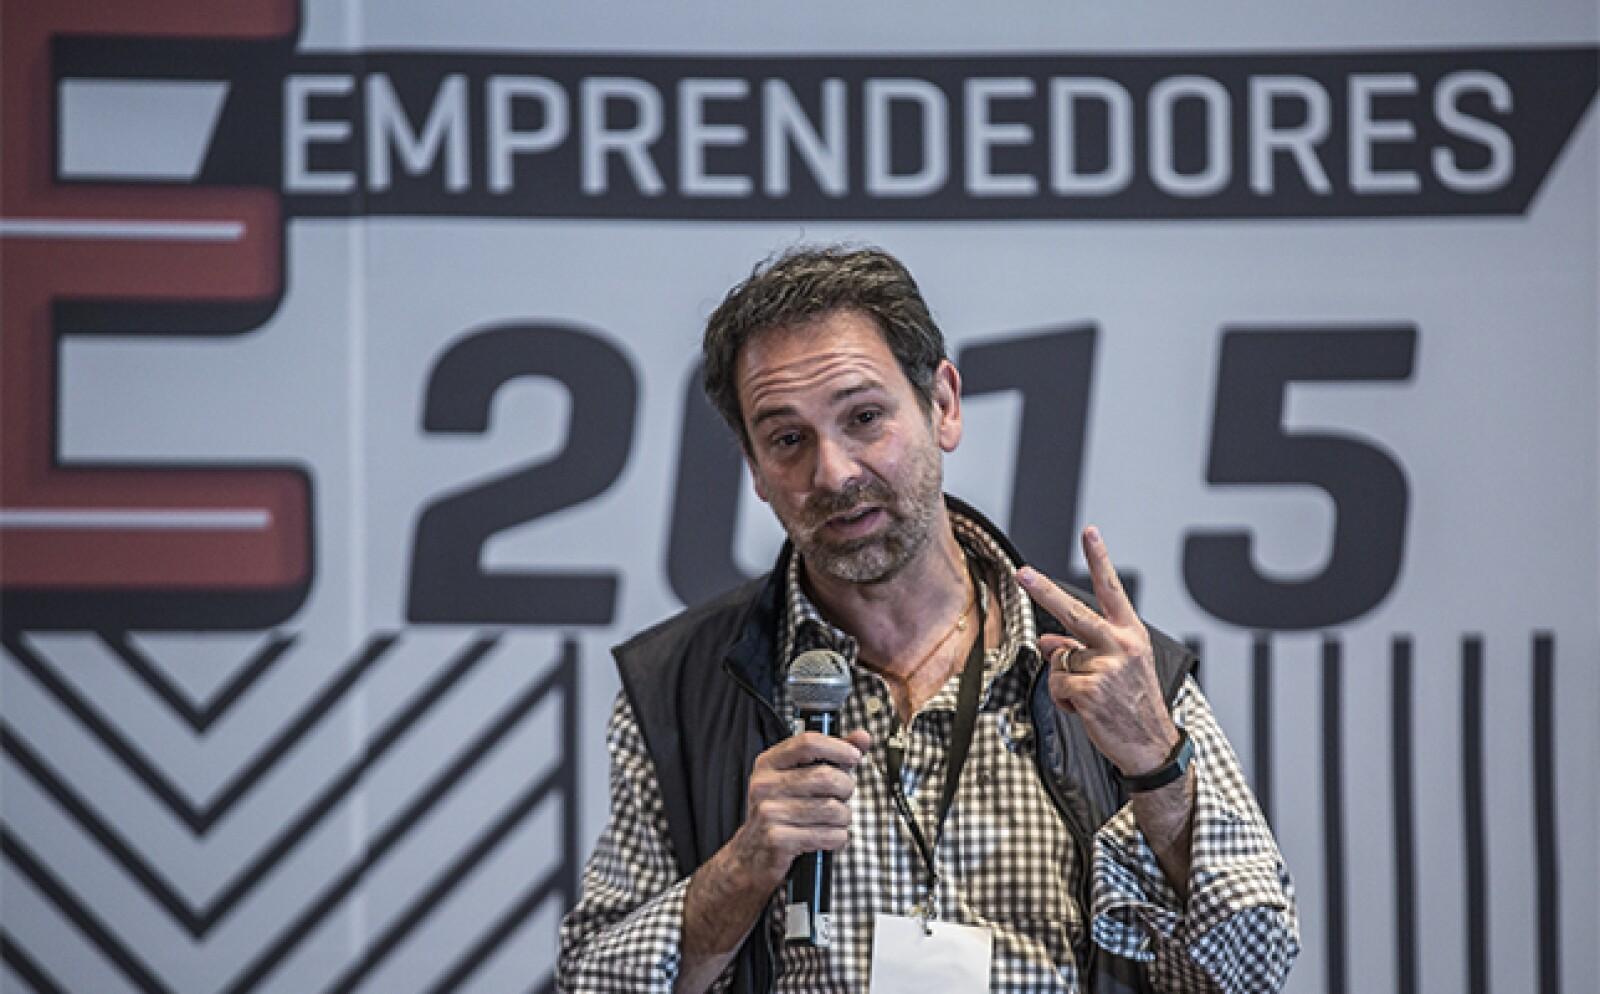 El director de kubo.financiero, Vicente Fenoll, aseguró que su mayor error fue no comunicar y detectar a tiempo signos de codicia.